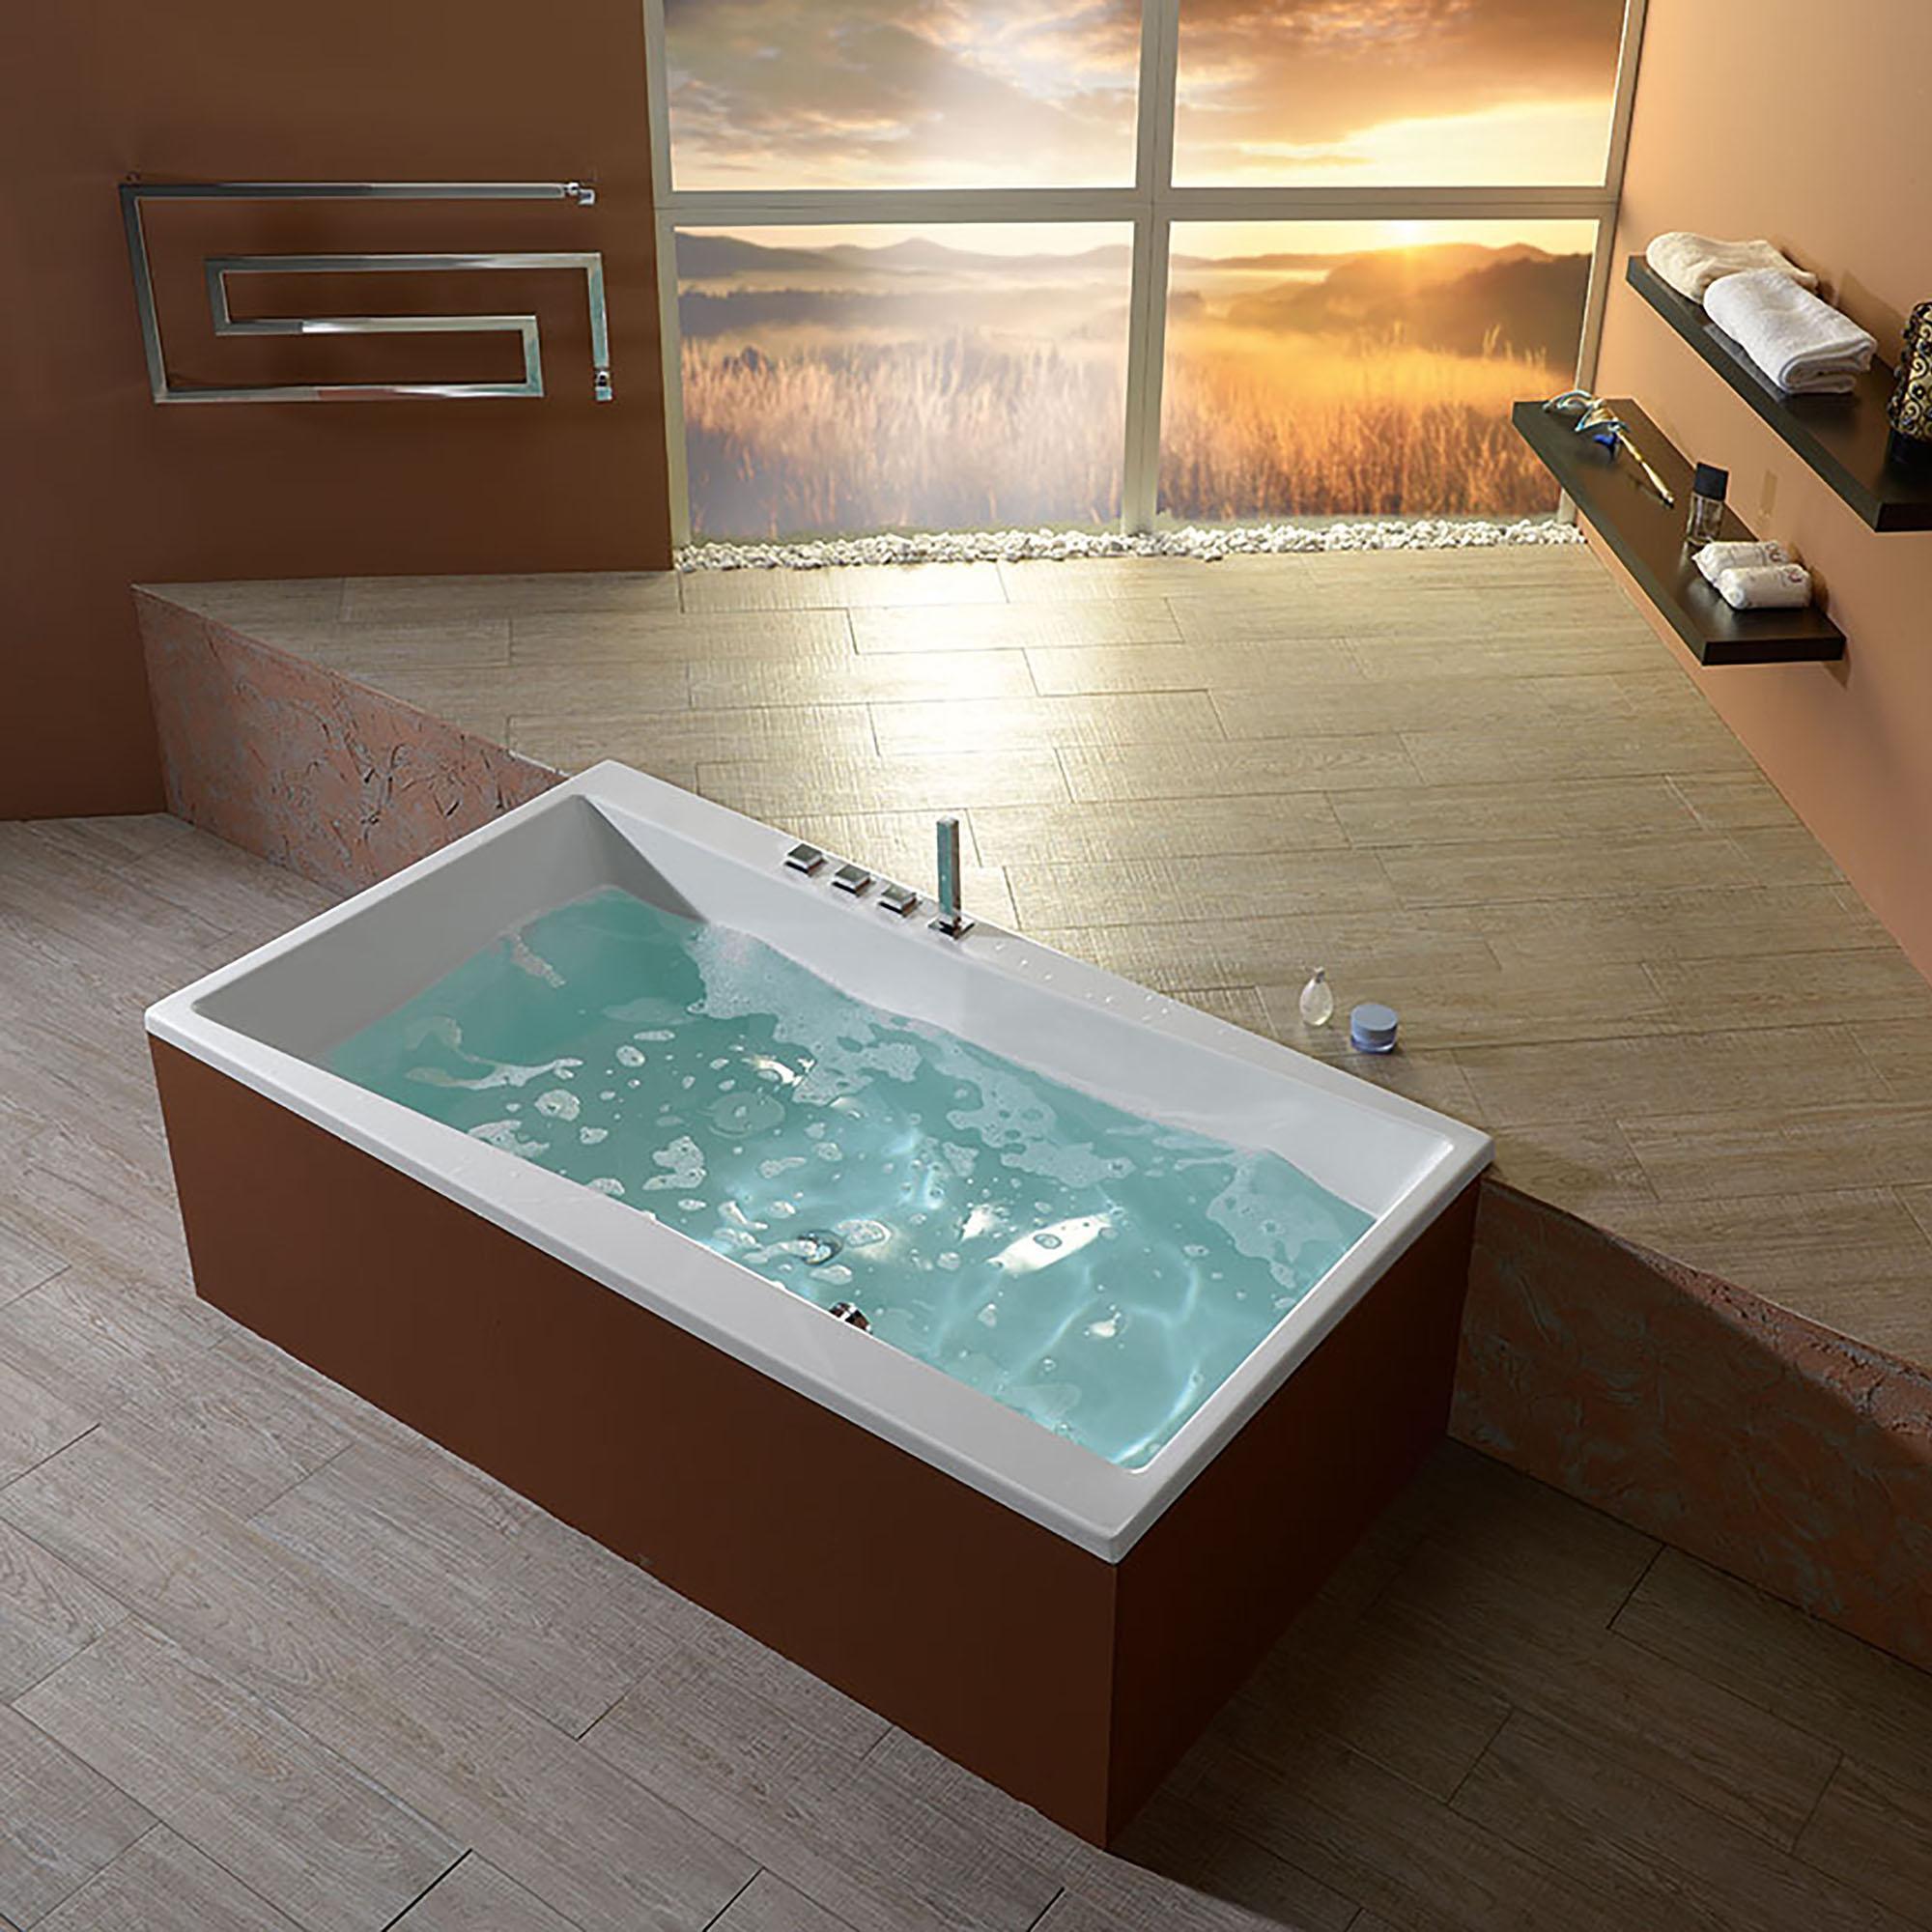 Акриловая ванна Alpen Quest 180x100 акриловая ванна alpen naos 180x100 r правая комплект